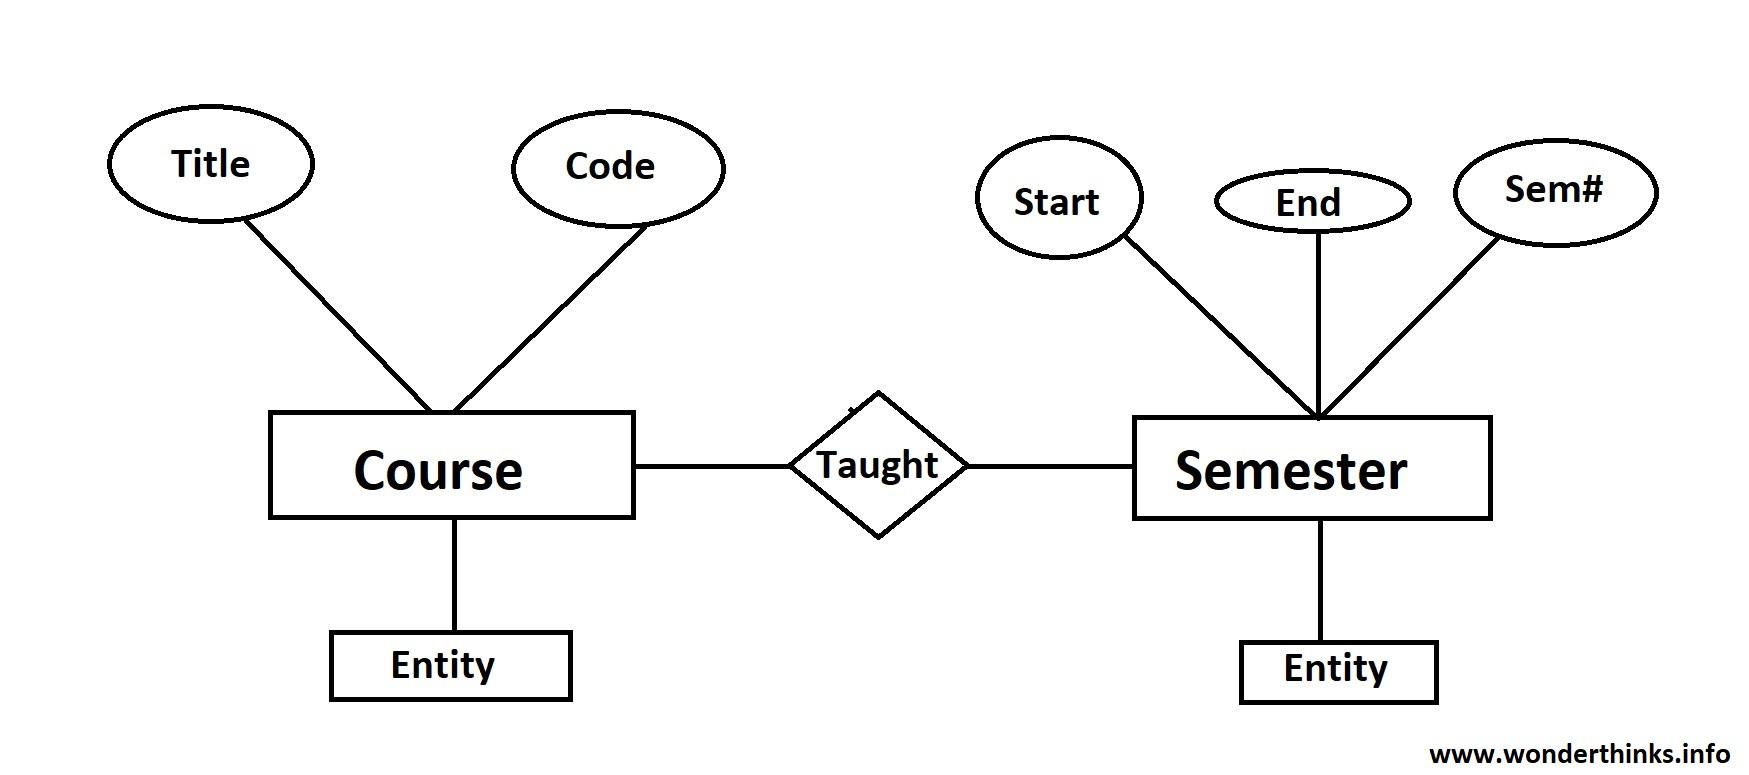 Data Models In Dbms - Notes - Wonder Thinks pertaining to Er Model In Dbms